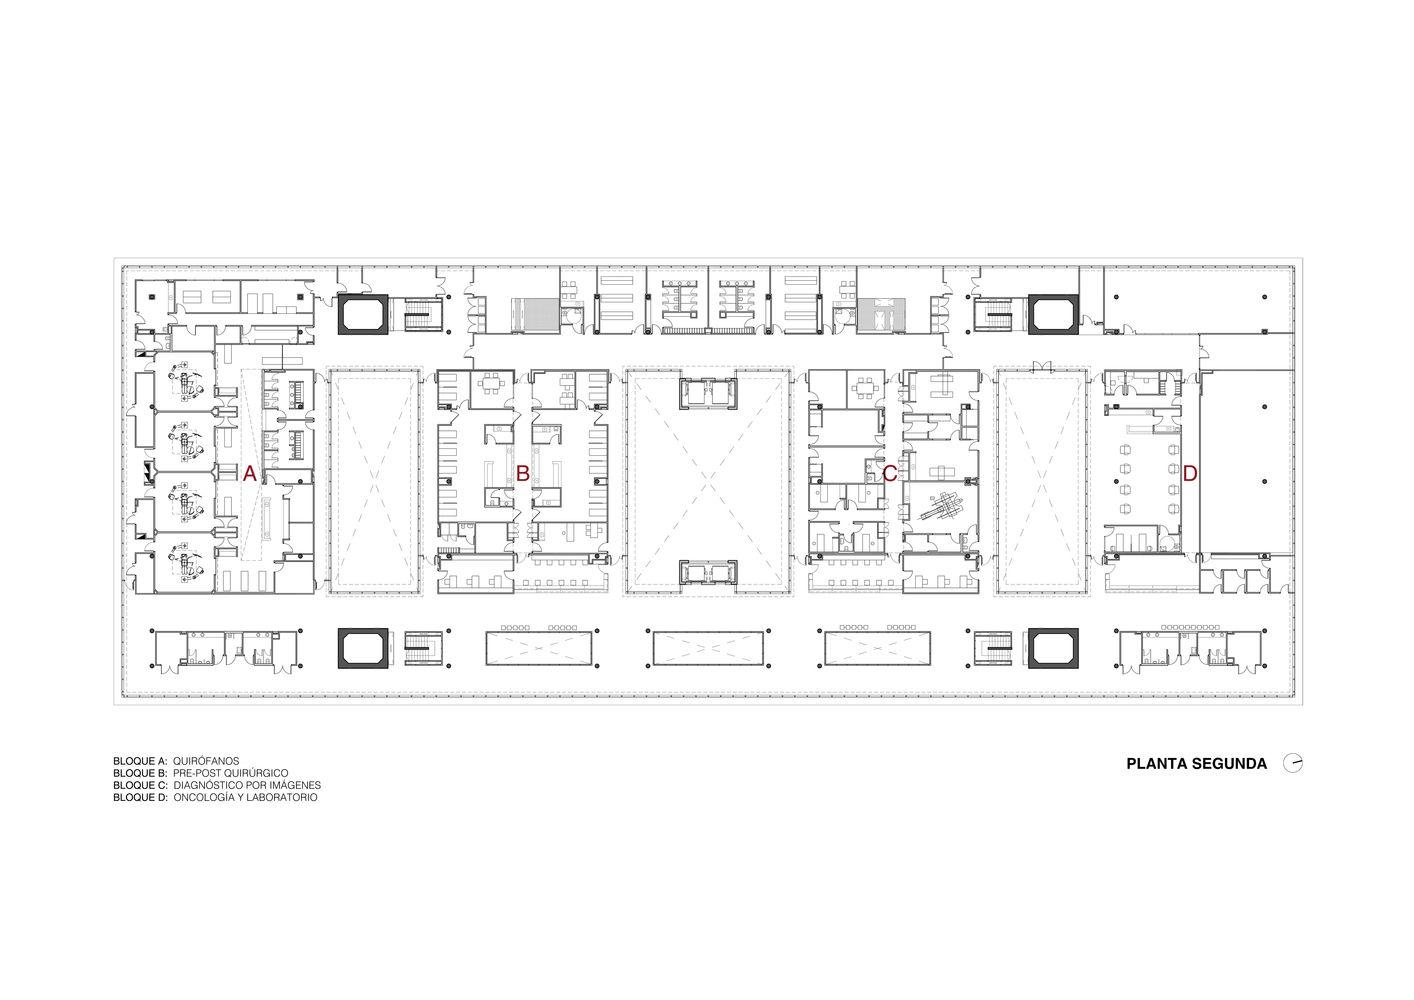 Galeria De Cemafe Centro De Especialidades Medicas Ambulatorias De Santa Fe Mario Corea Arquitectura Unidad De Proyectos Especiales Del Gobierno De Santa Especialidades Medicas Santa Fe Medicos